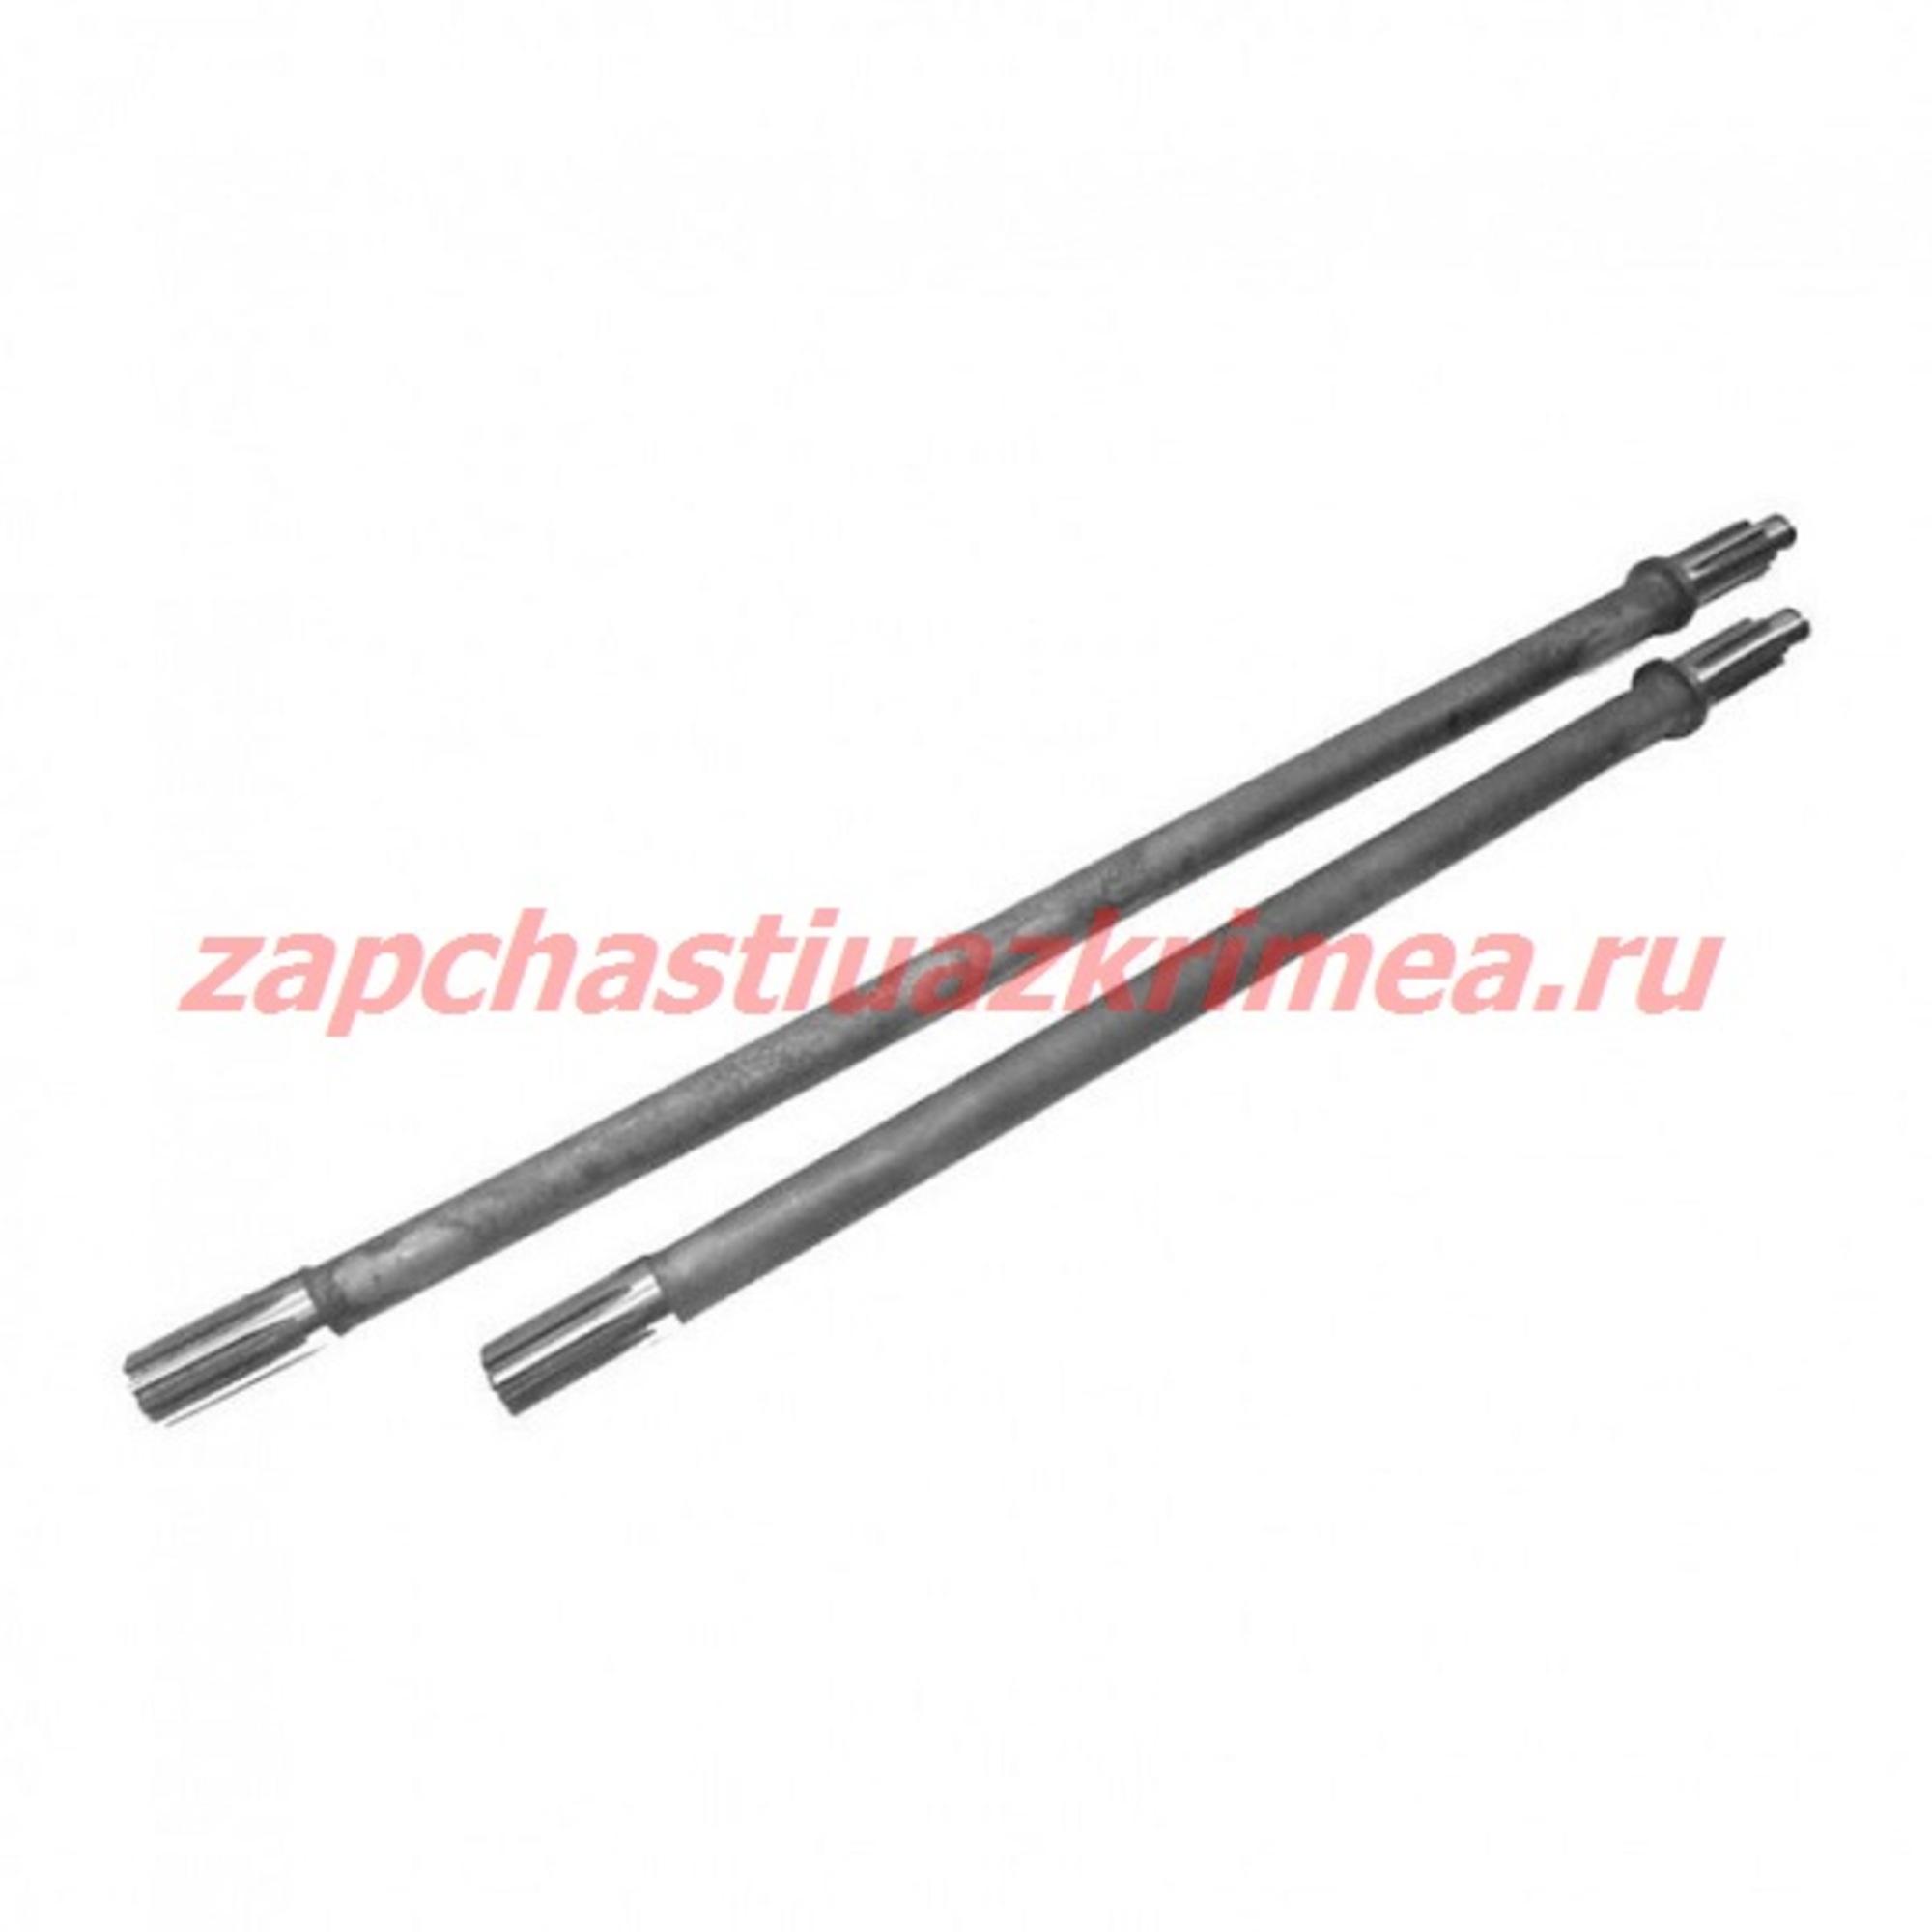 Комплект полуосей усиленных задний редукторный мост УАЗ (645/645) ИЖ-ТЕХНО